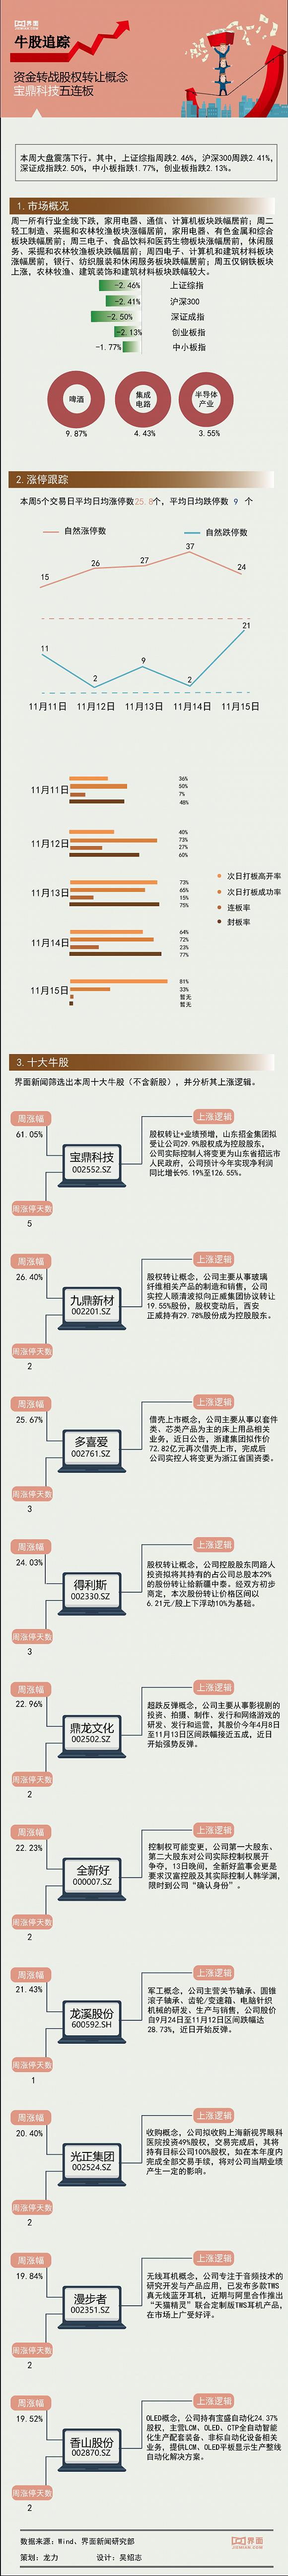 """长滩岛有多少家赌场 """"改革开放再出发""""作家深扎创作活动启动"""